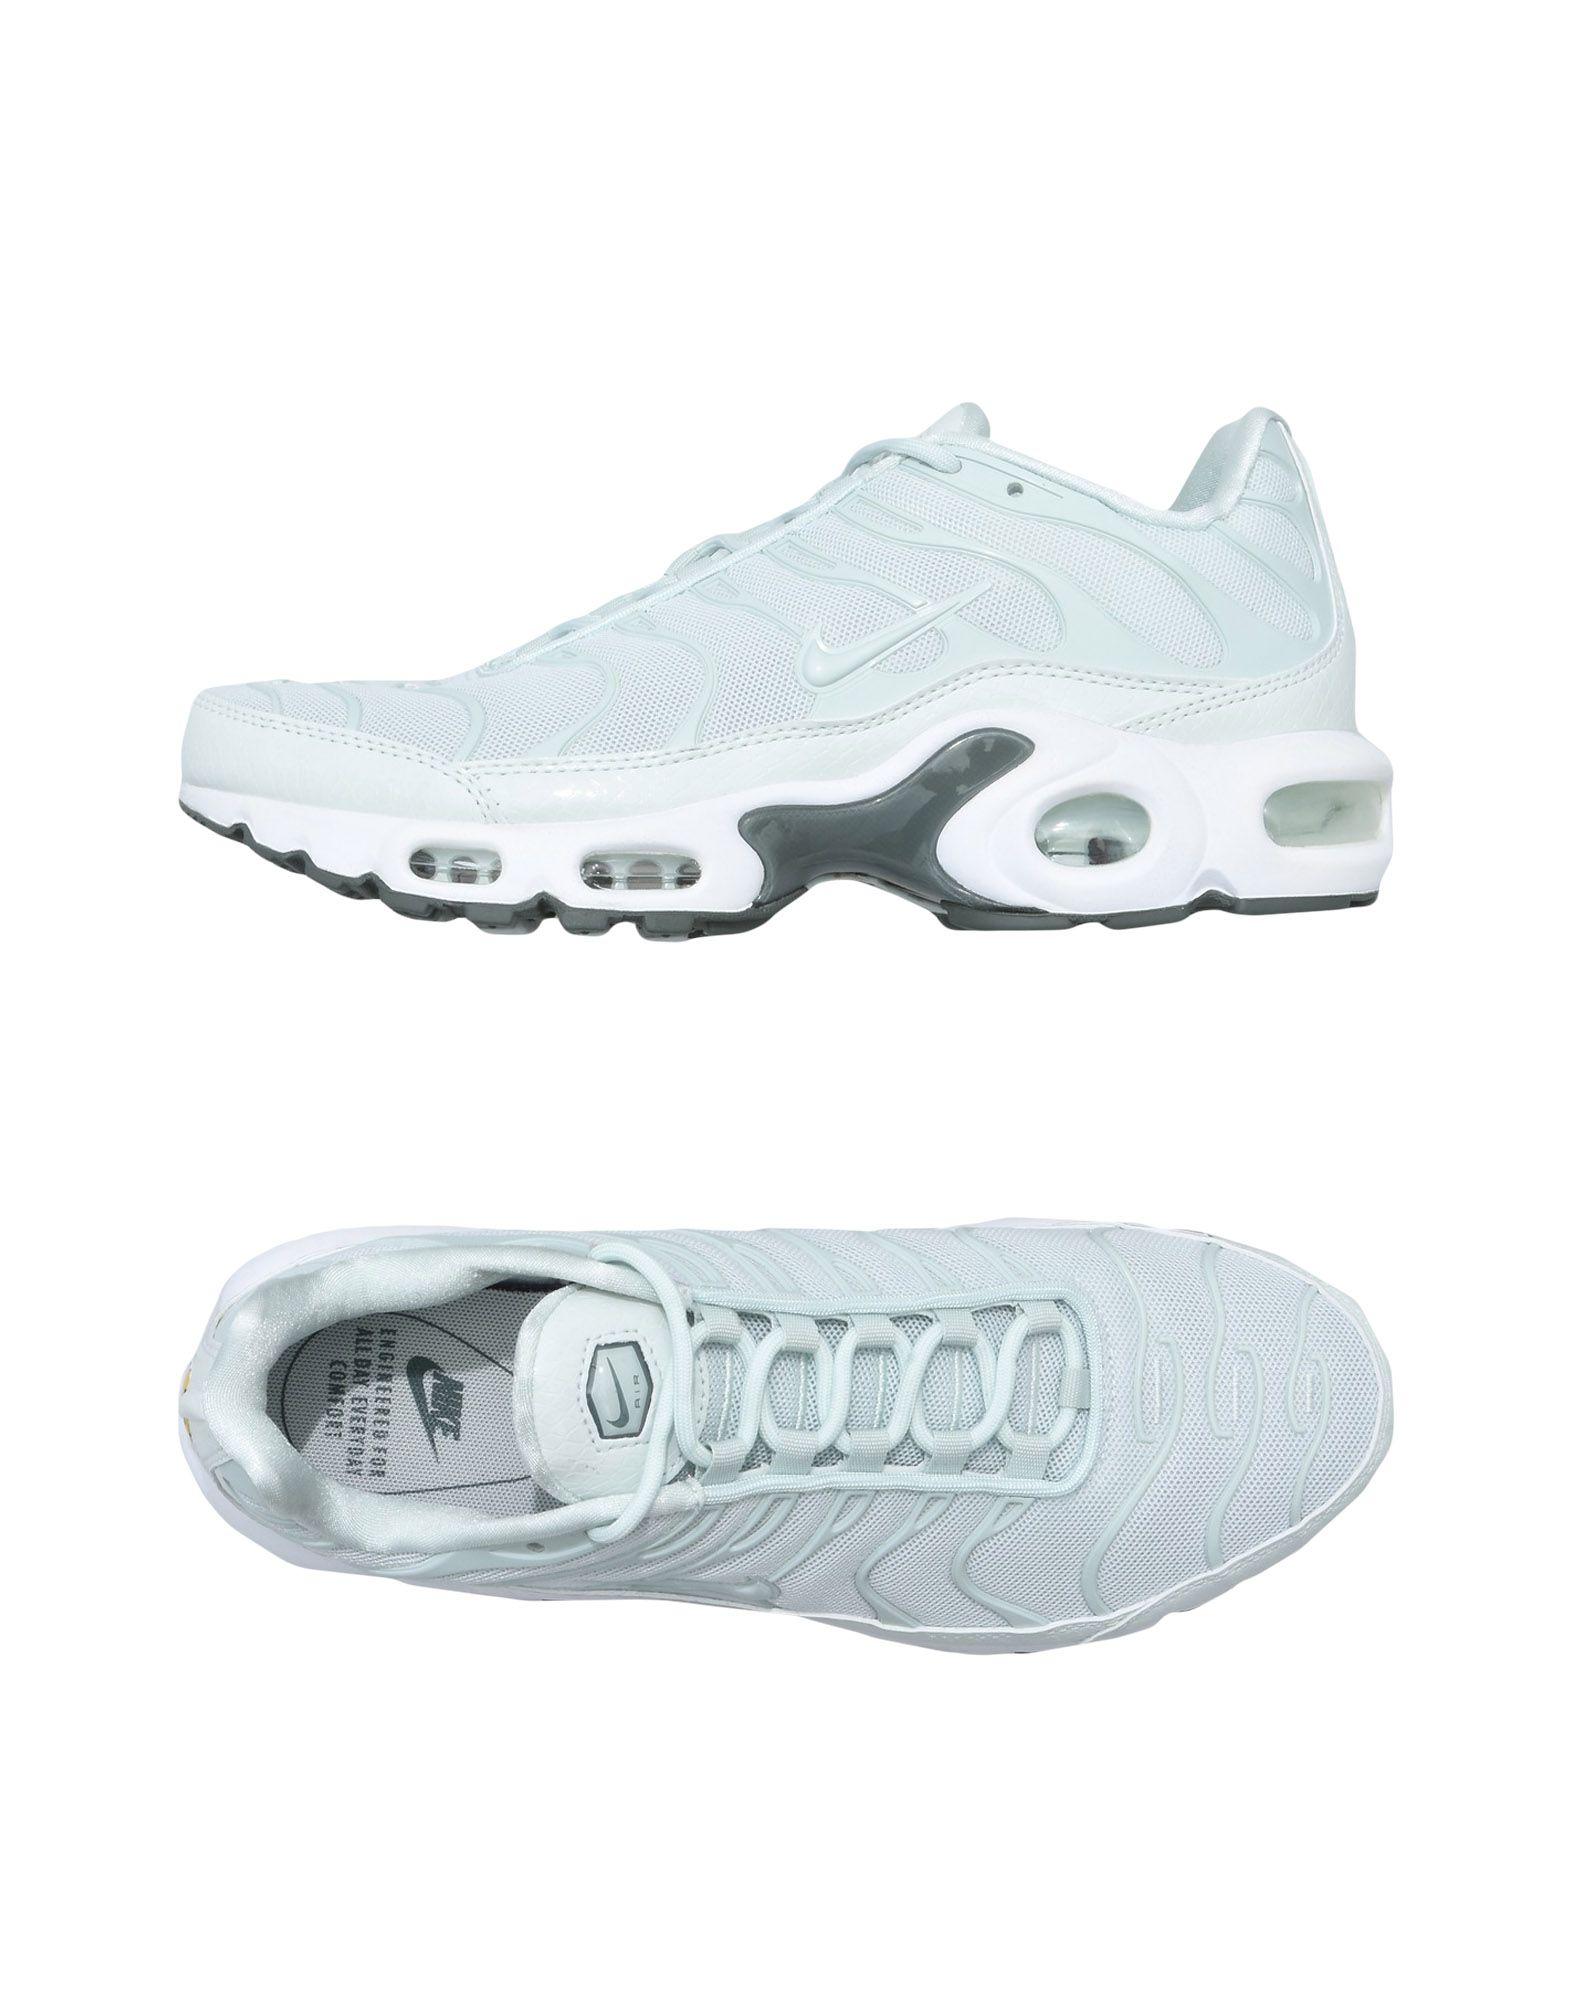 Scarpe da - Ginnastica Nike Air Max Plus Se - da Donna - 11503295GI 800ac6